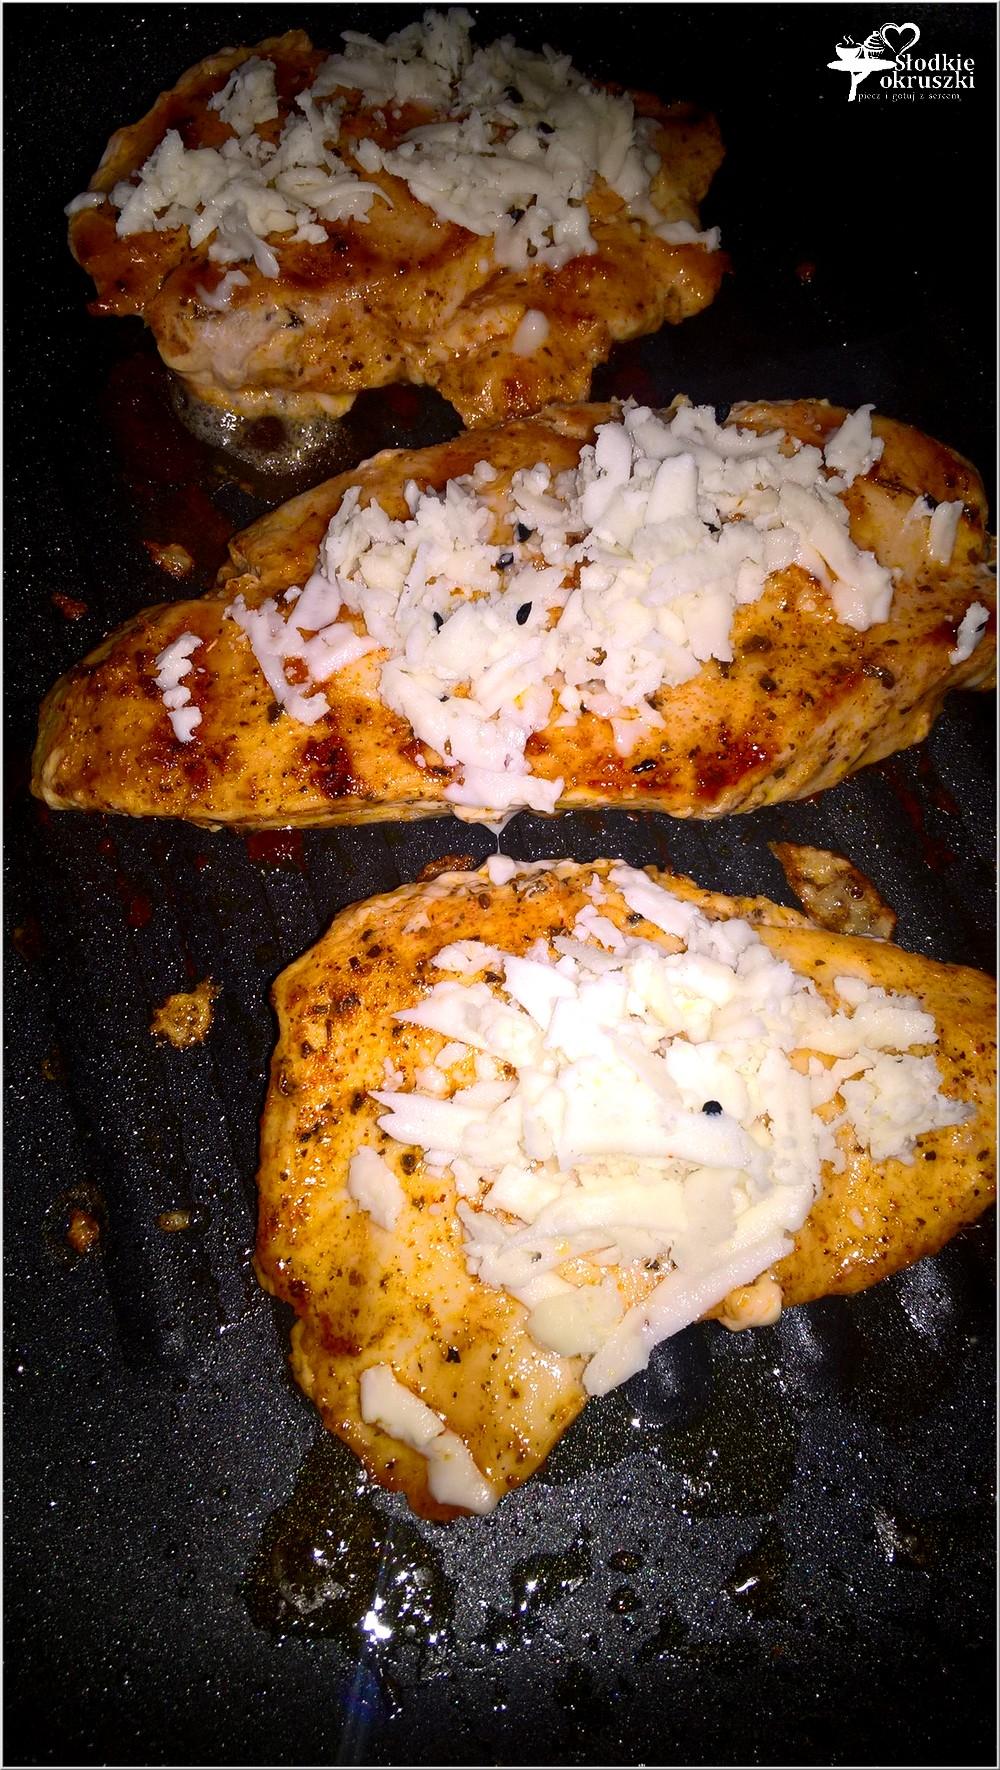 Grillowane piersi z kurczaka z serem korycińskim (3)